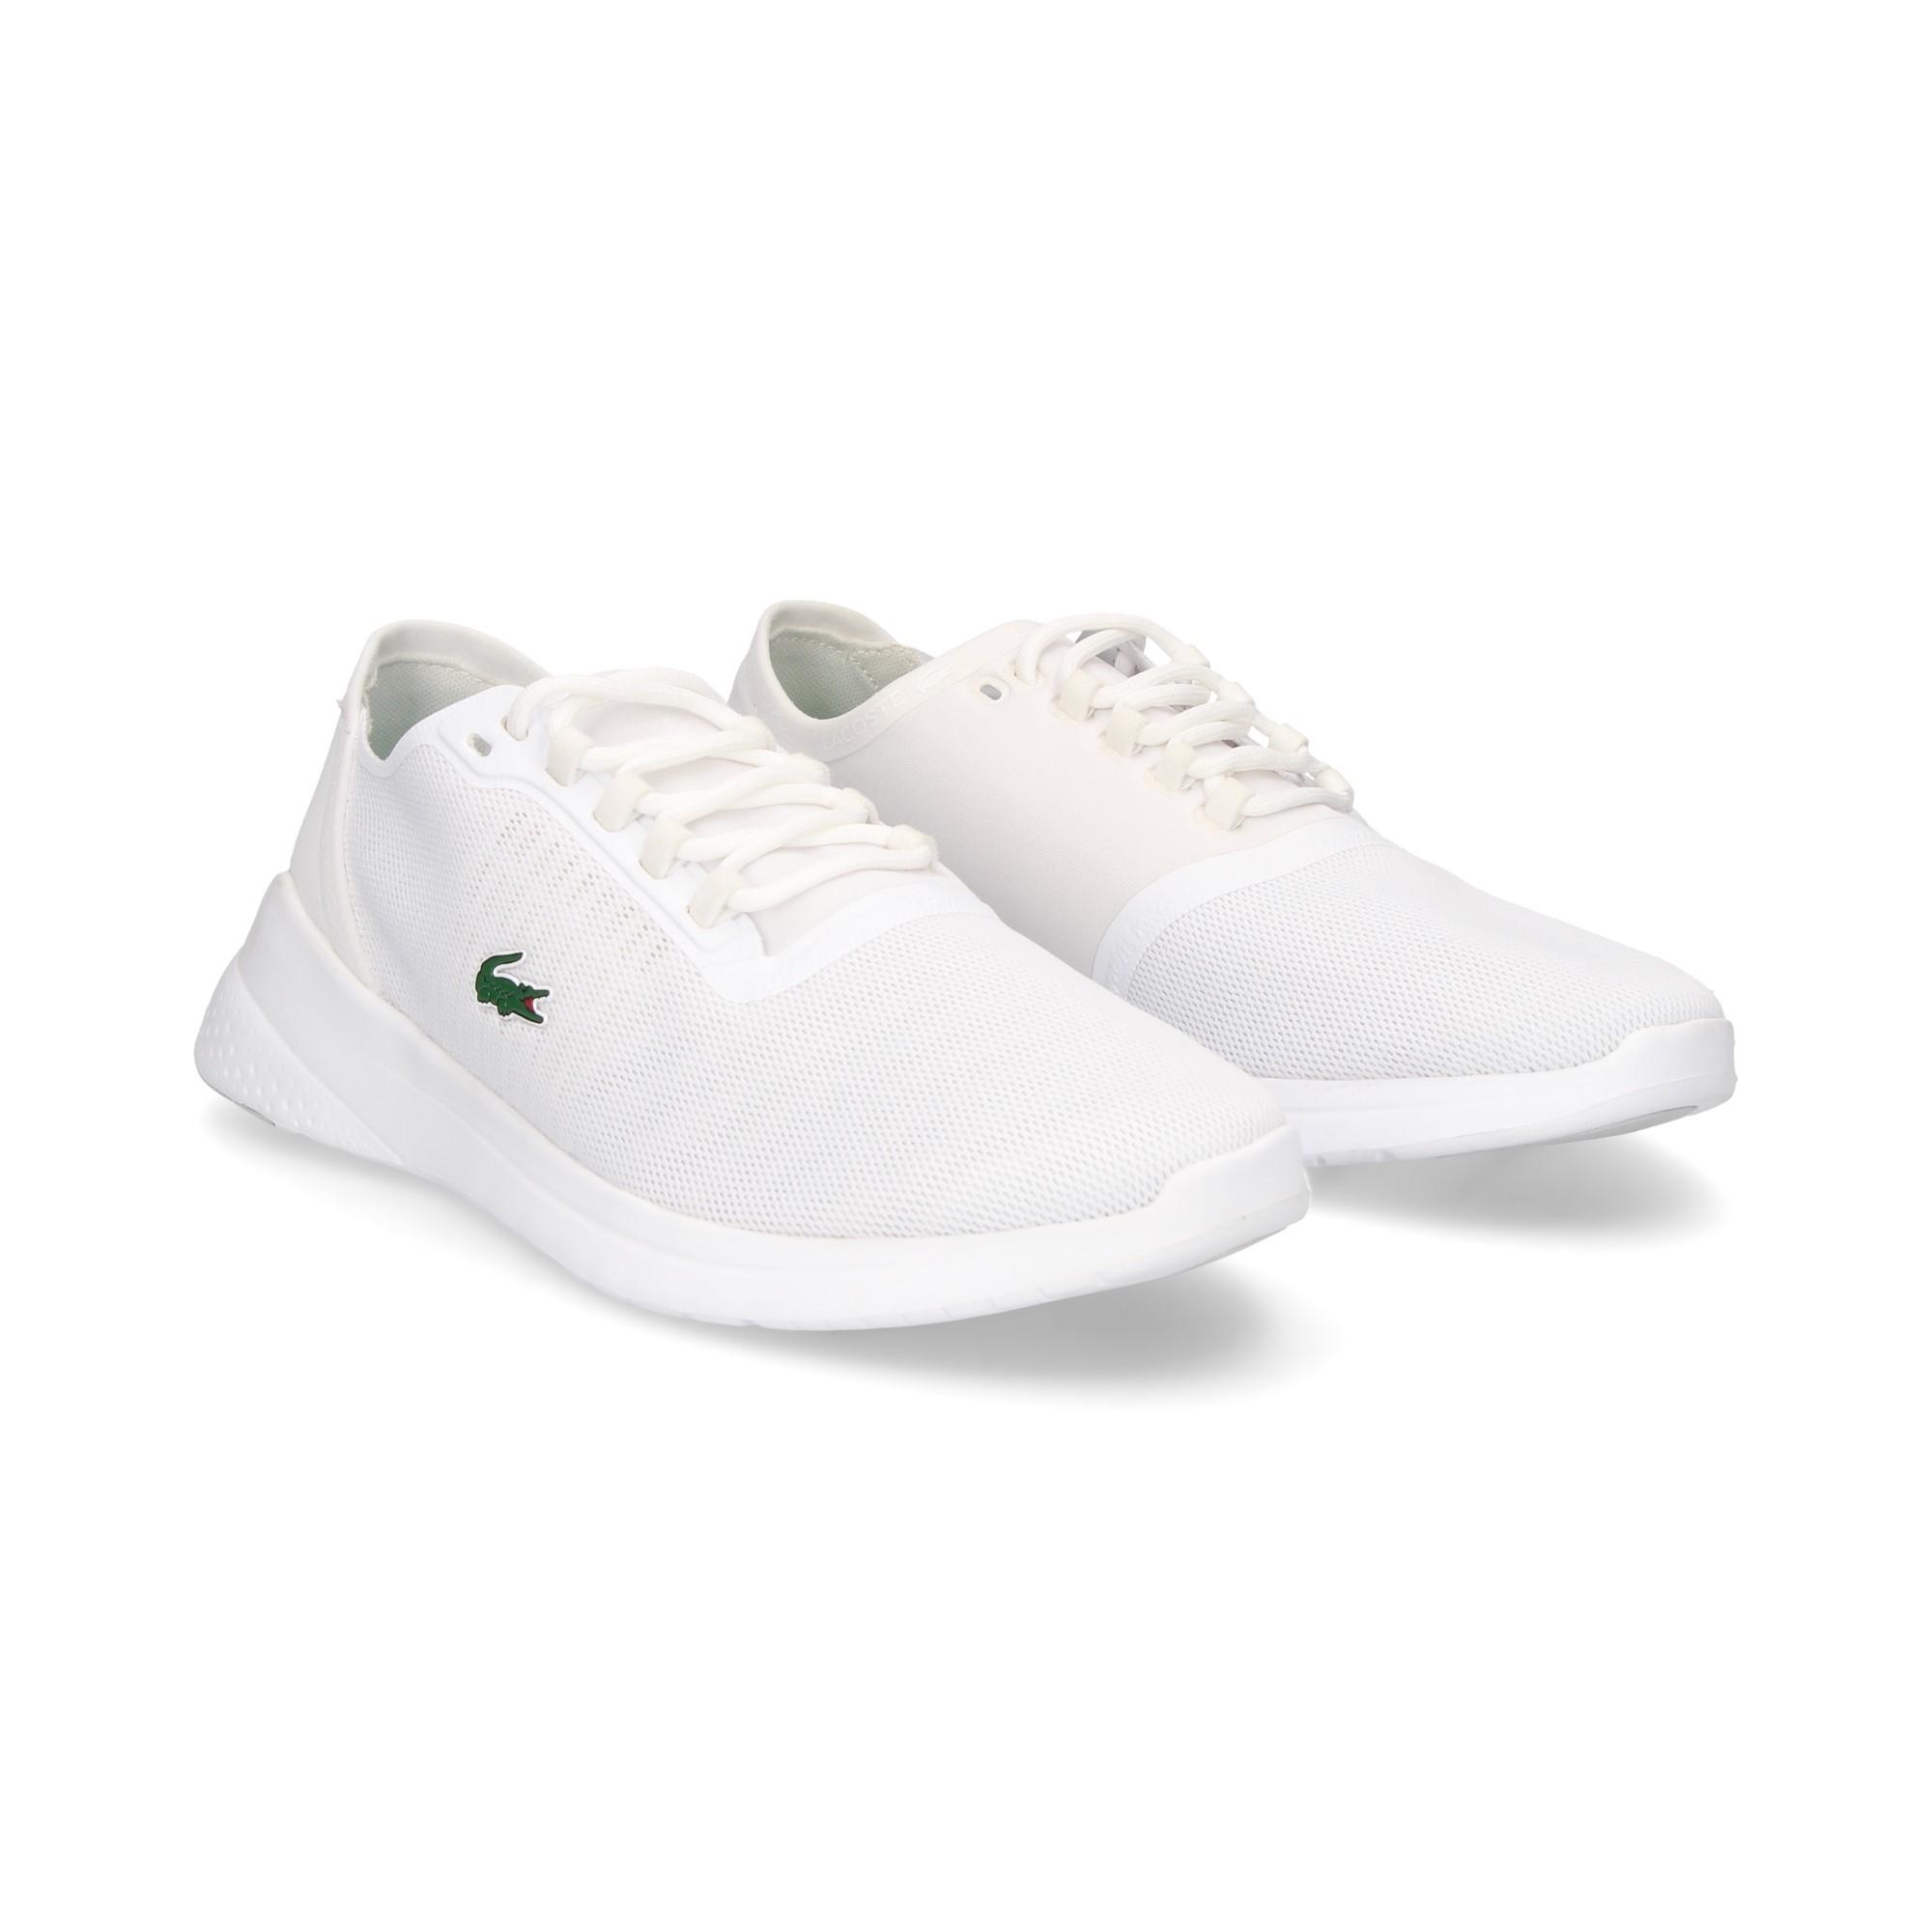 LACOSTE Men s sneakers 35SPM0028 21G BLANCO 51049866fc